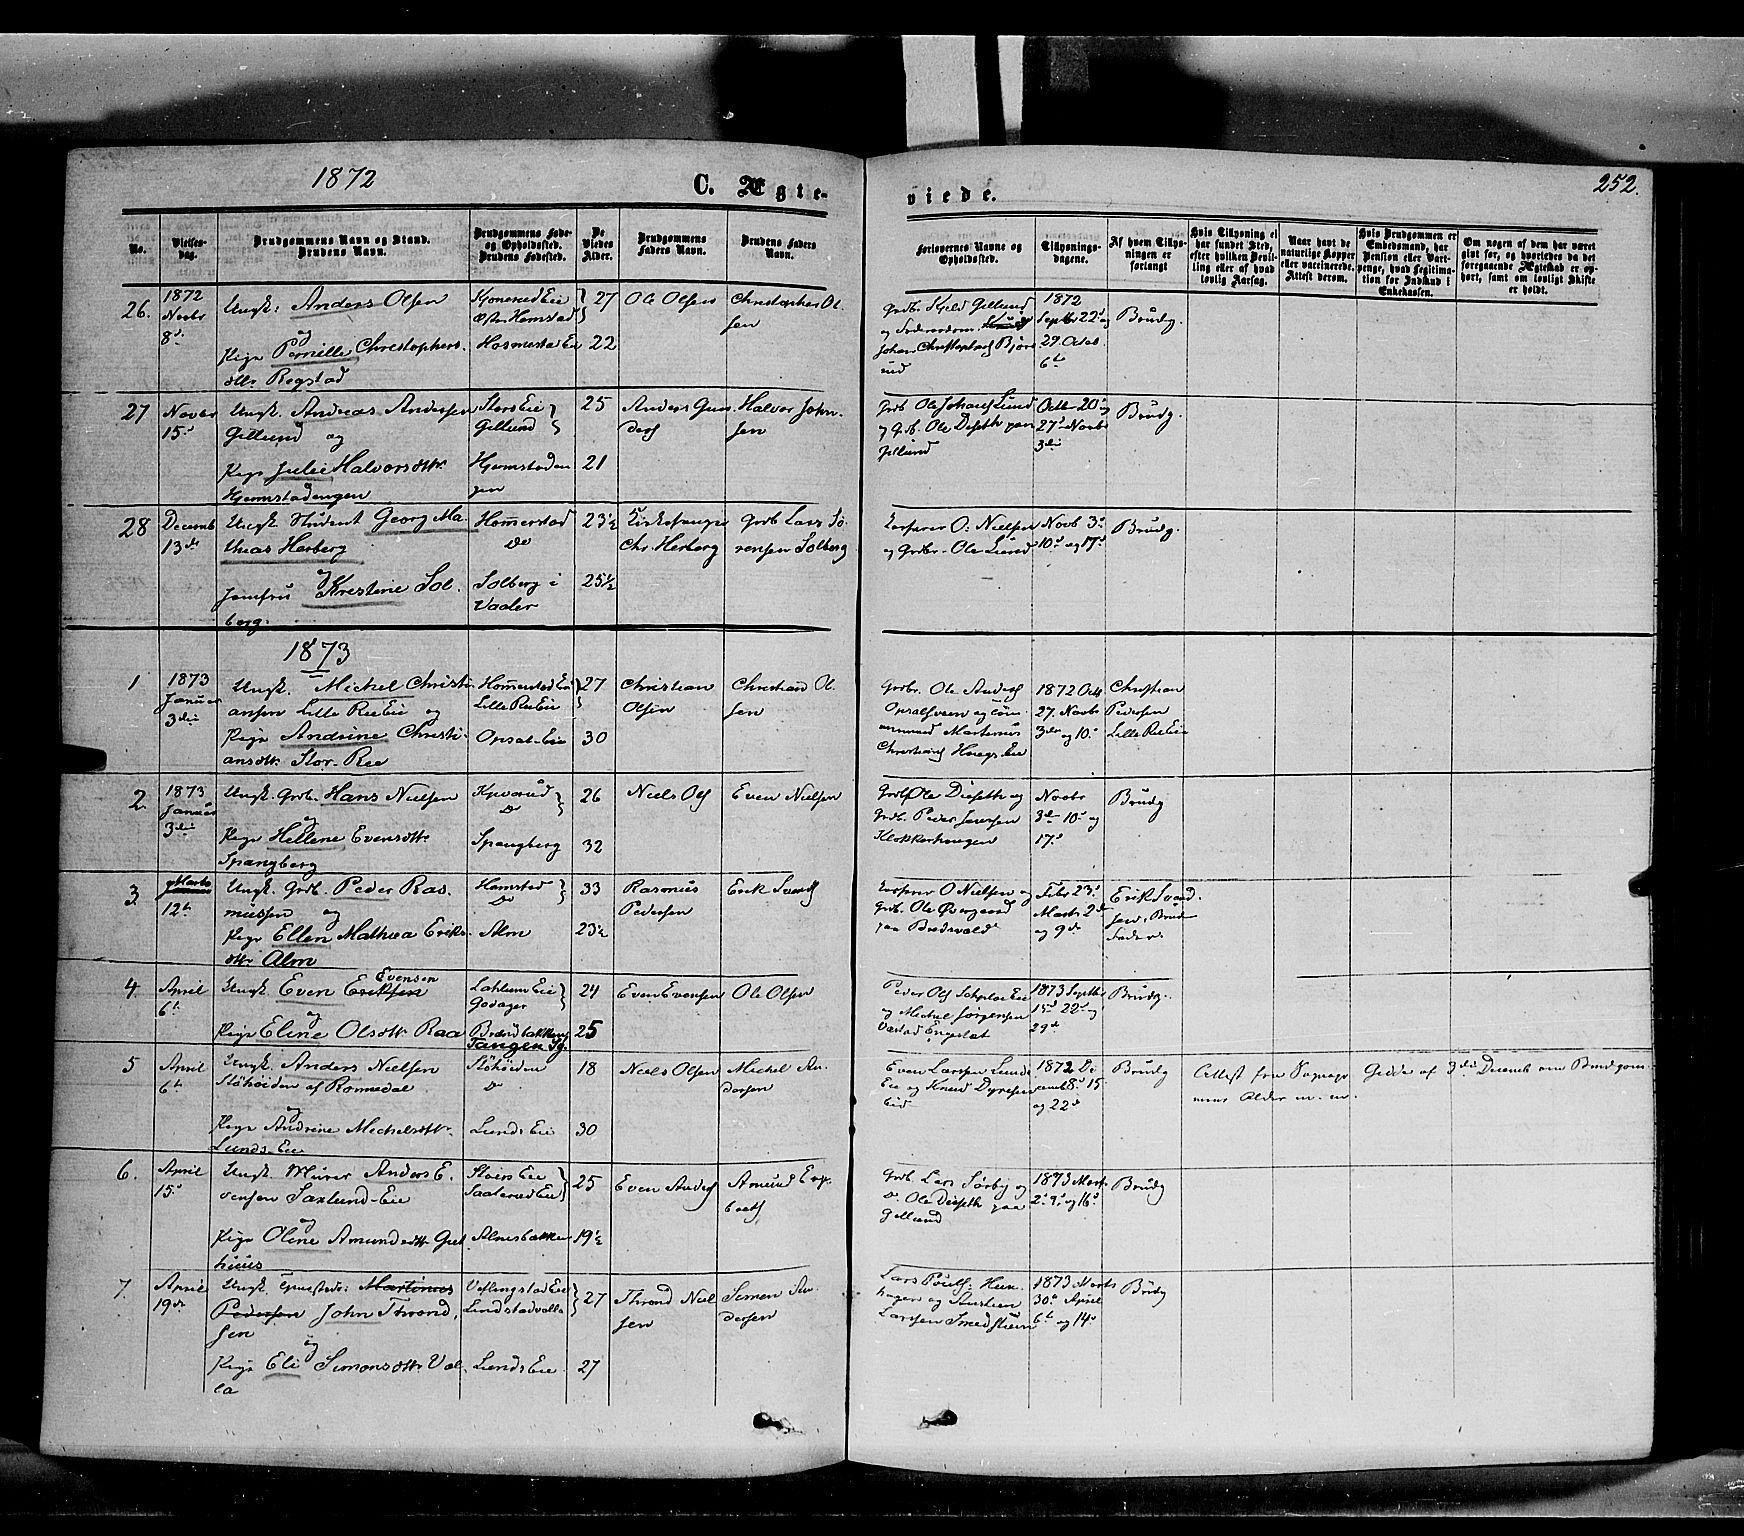 SAH, Stange prestekontor, K/L0013: Parish register (official) no. 13, 1862-1879, p. 252